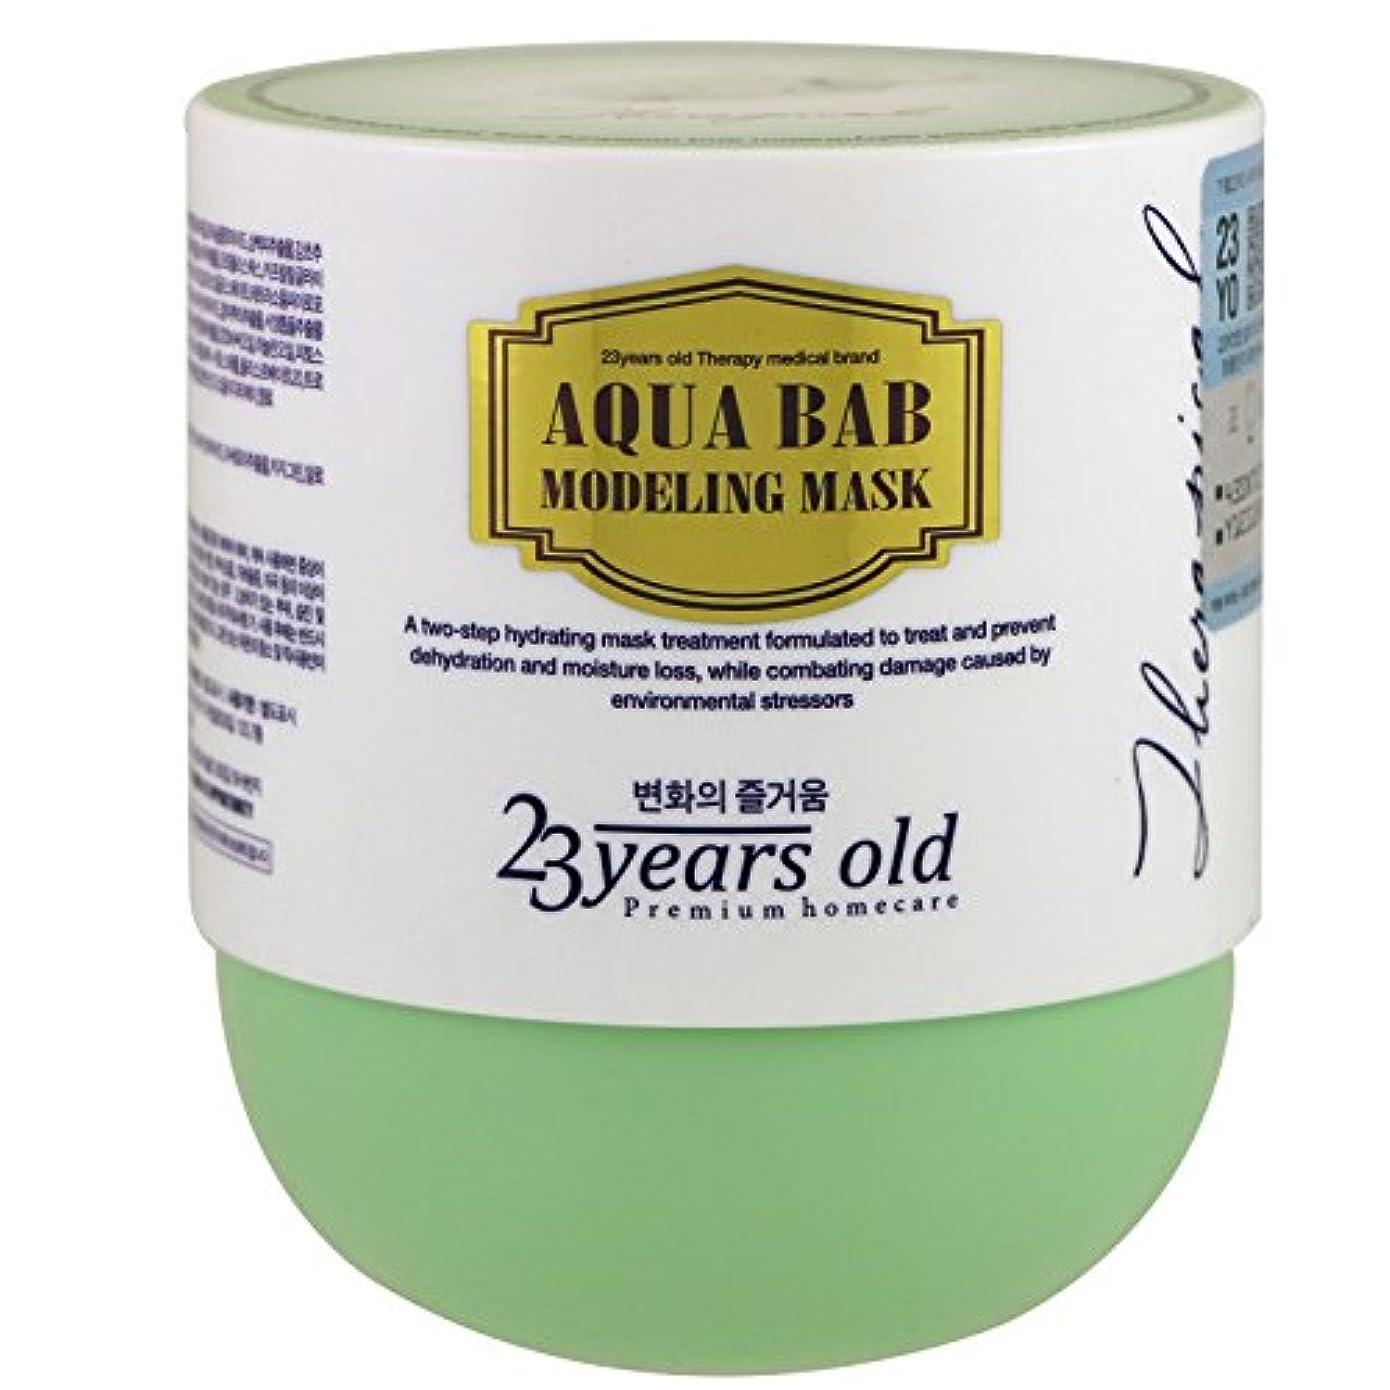 冷える変形農学23years olr(23イヤーズオールド) アクアバブ モデリングマスク 4回分